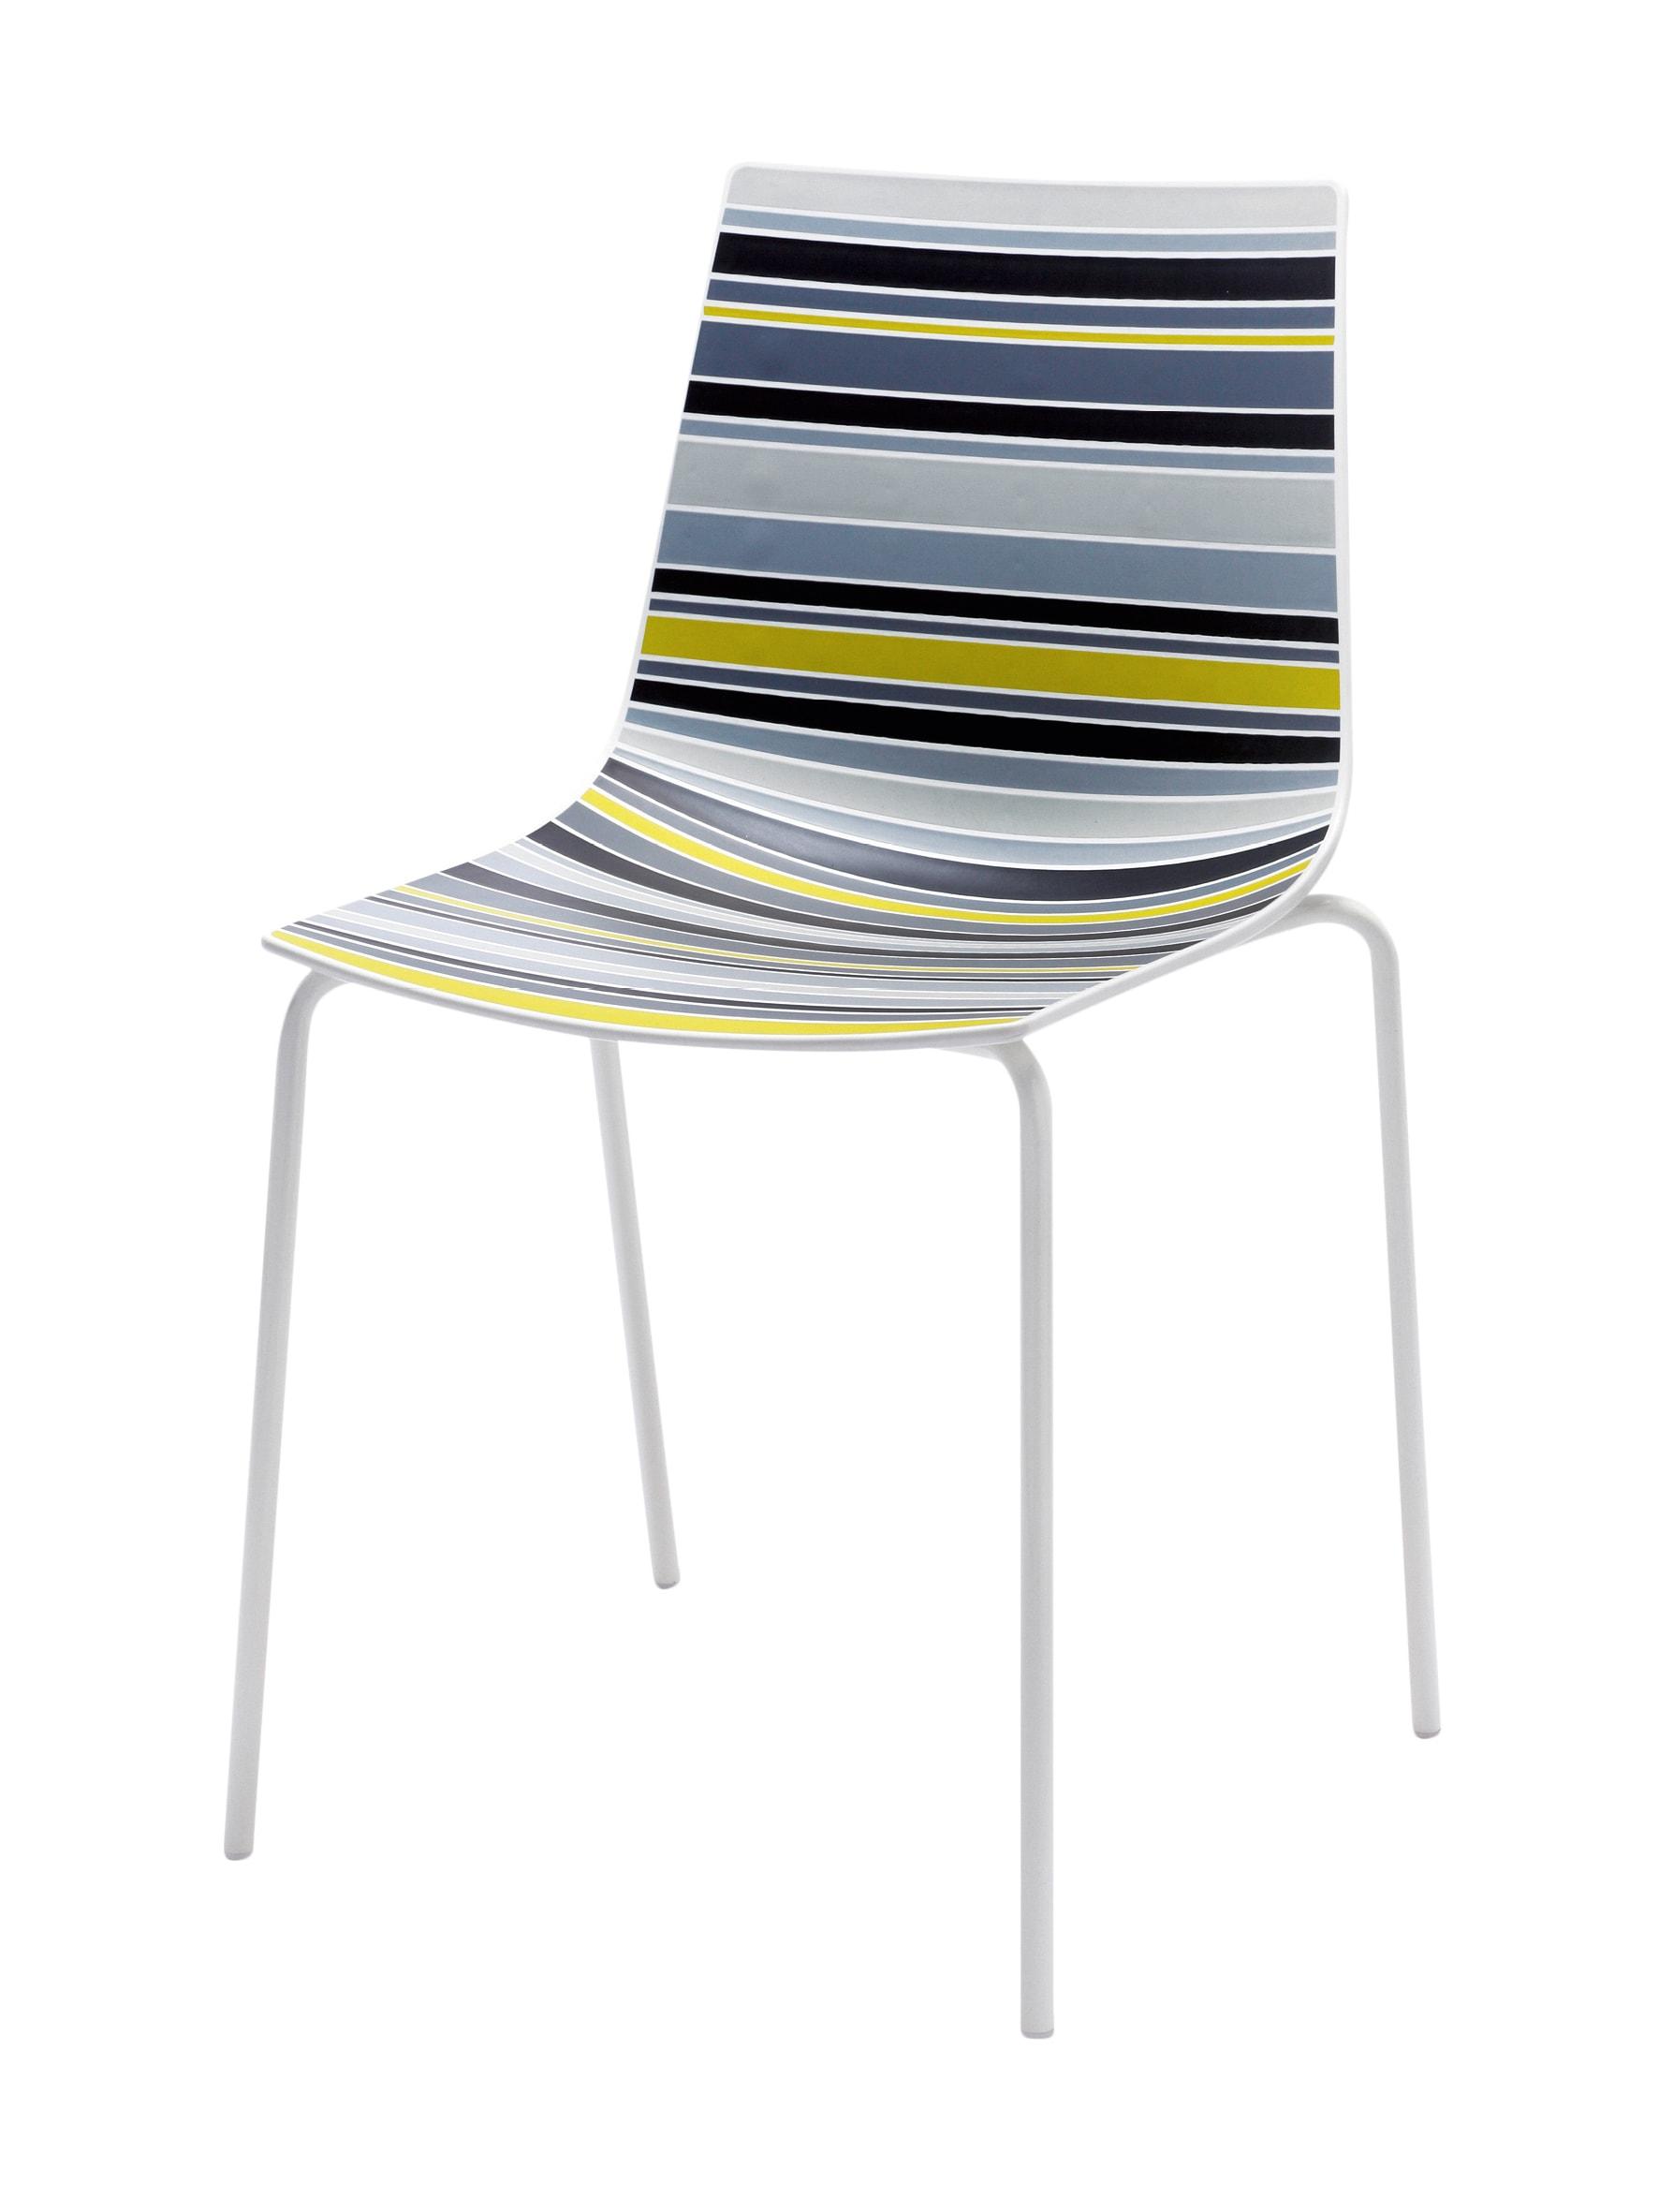 Al centro, sedia Stripe con struttura in metallo cromato e scocca in tecnopolimero rigato, VENETA CUCINE (a partire 280 €).